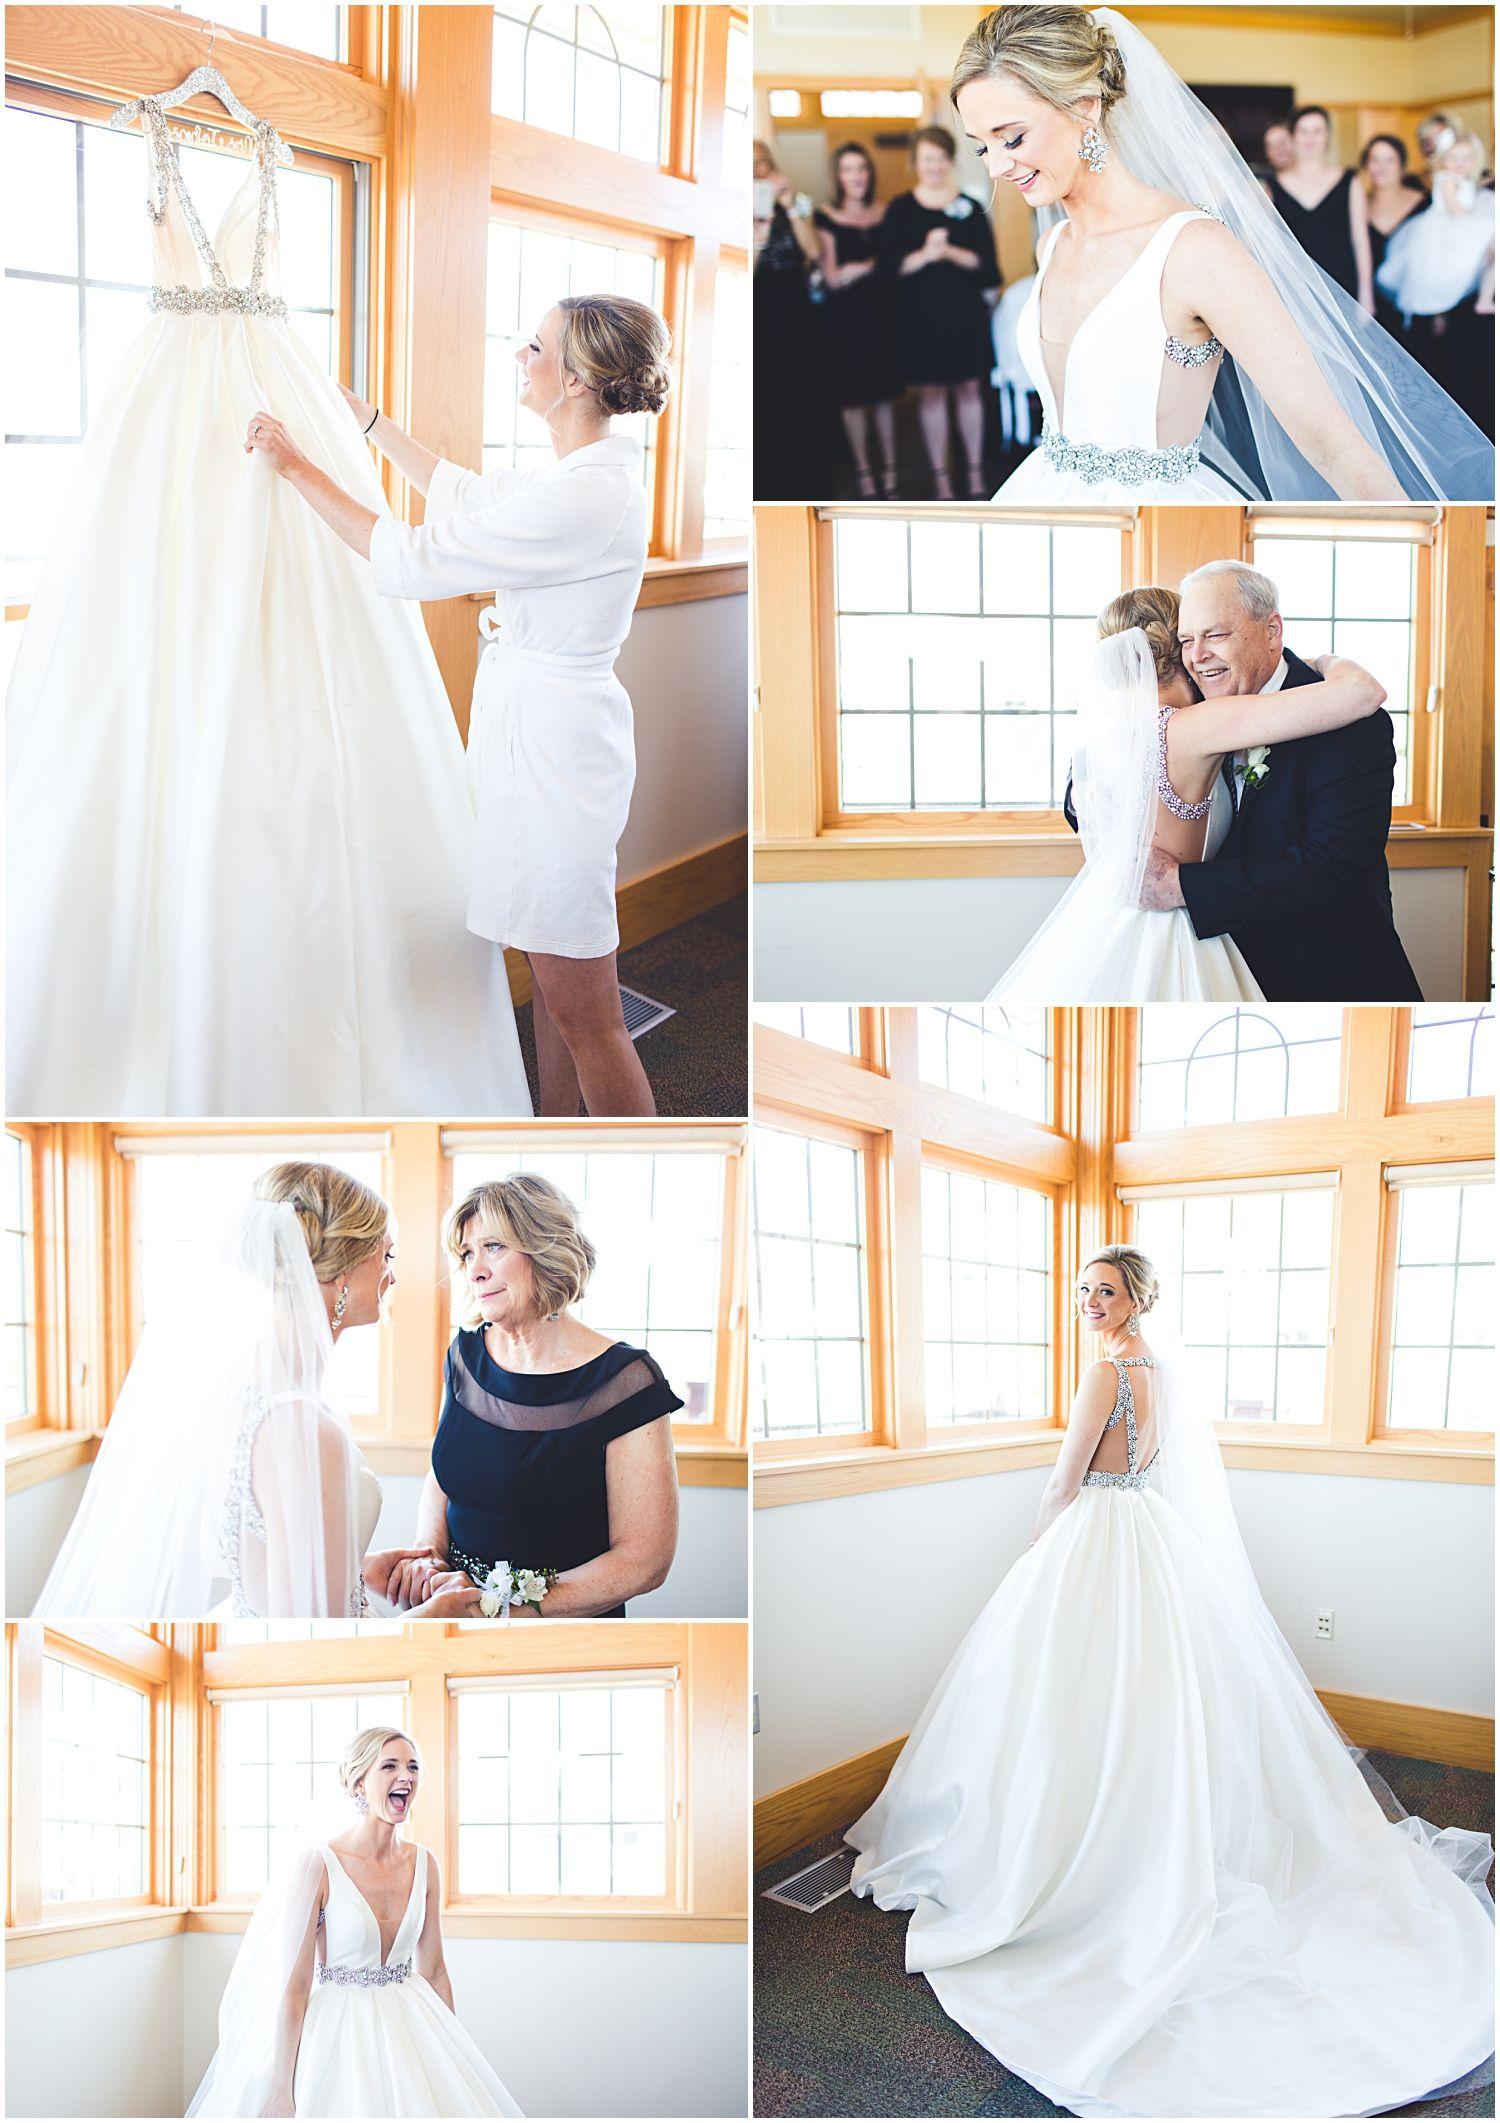 Bride Getting Ready Getting Ready Photos Wedding Day